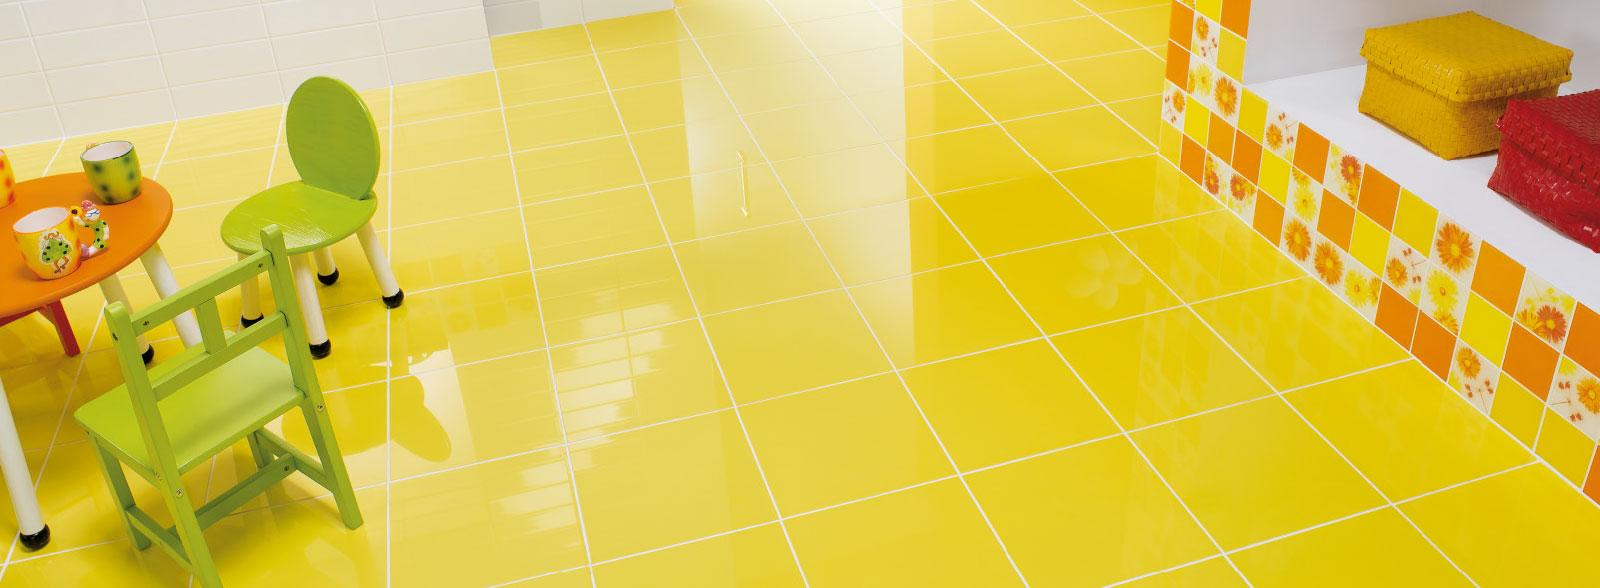 Projectglaze Solar Tiles